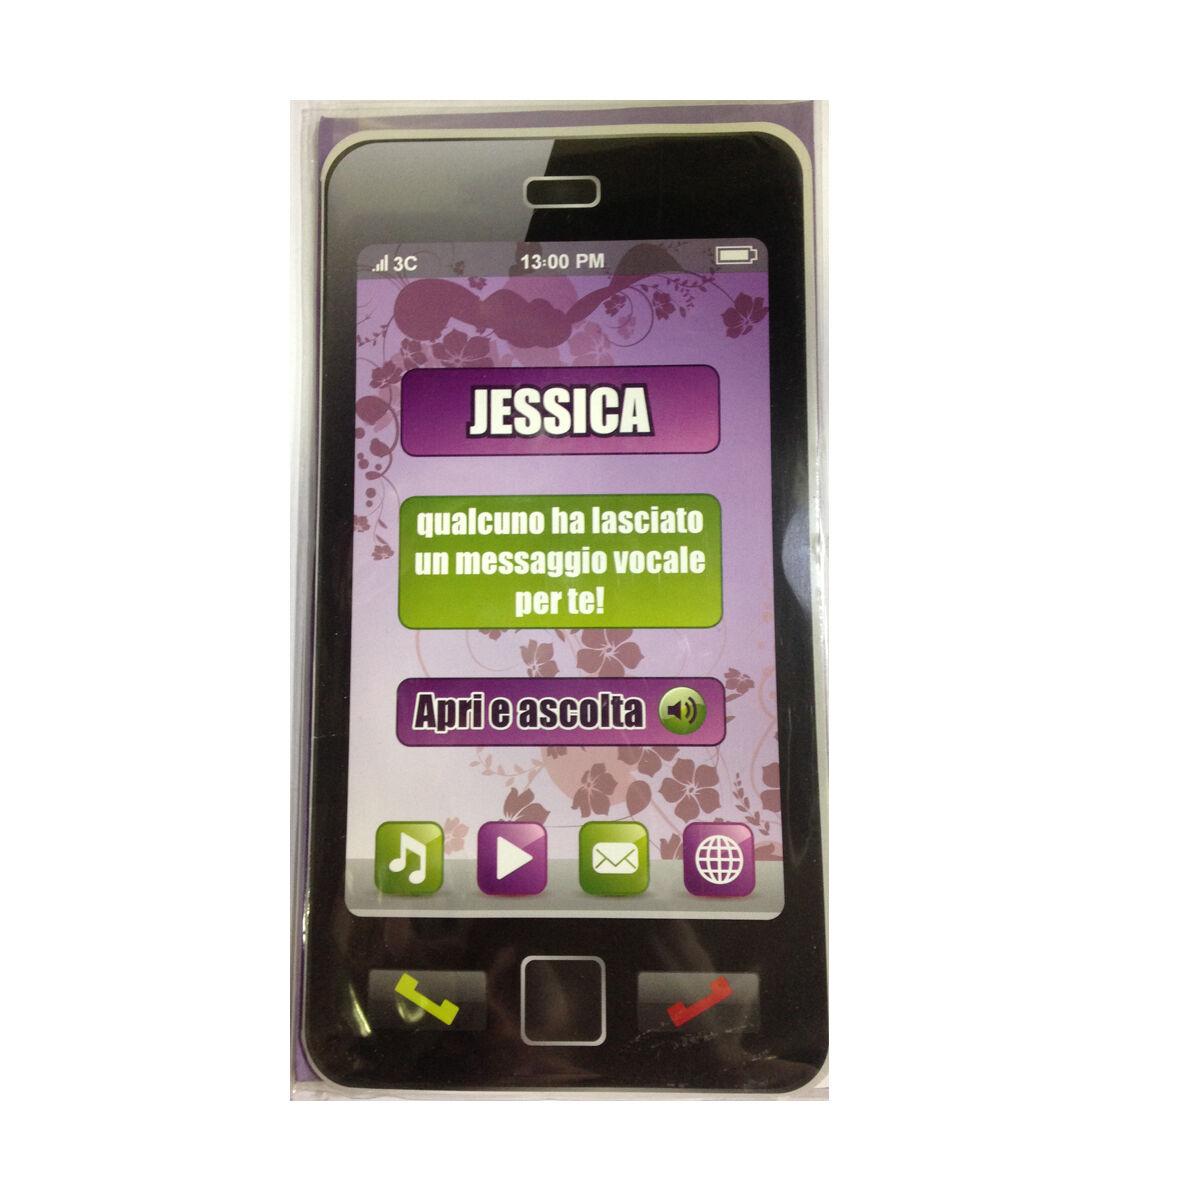 COMPLEANNO biglietto musicale a telefono squilla segreteria nome JESSICA